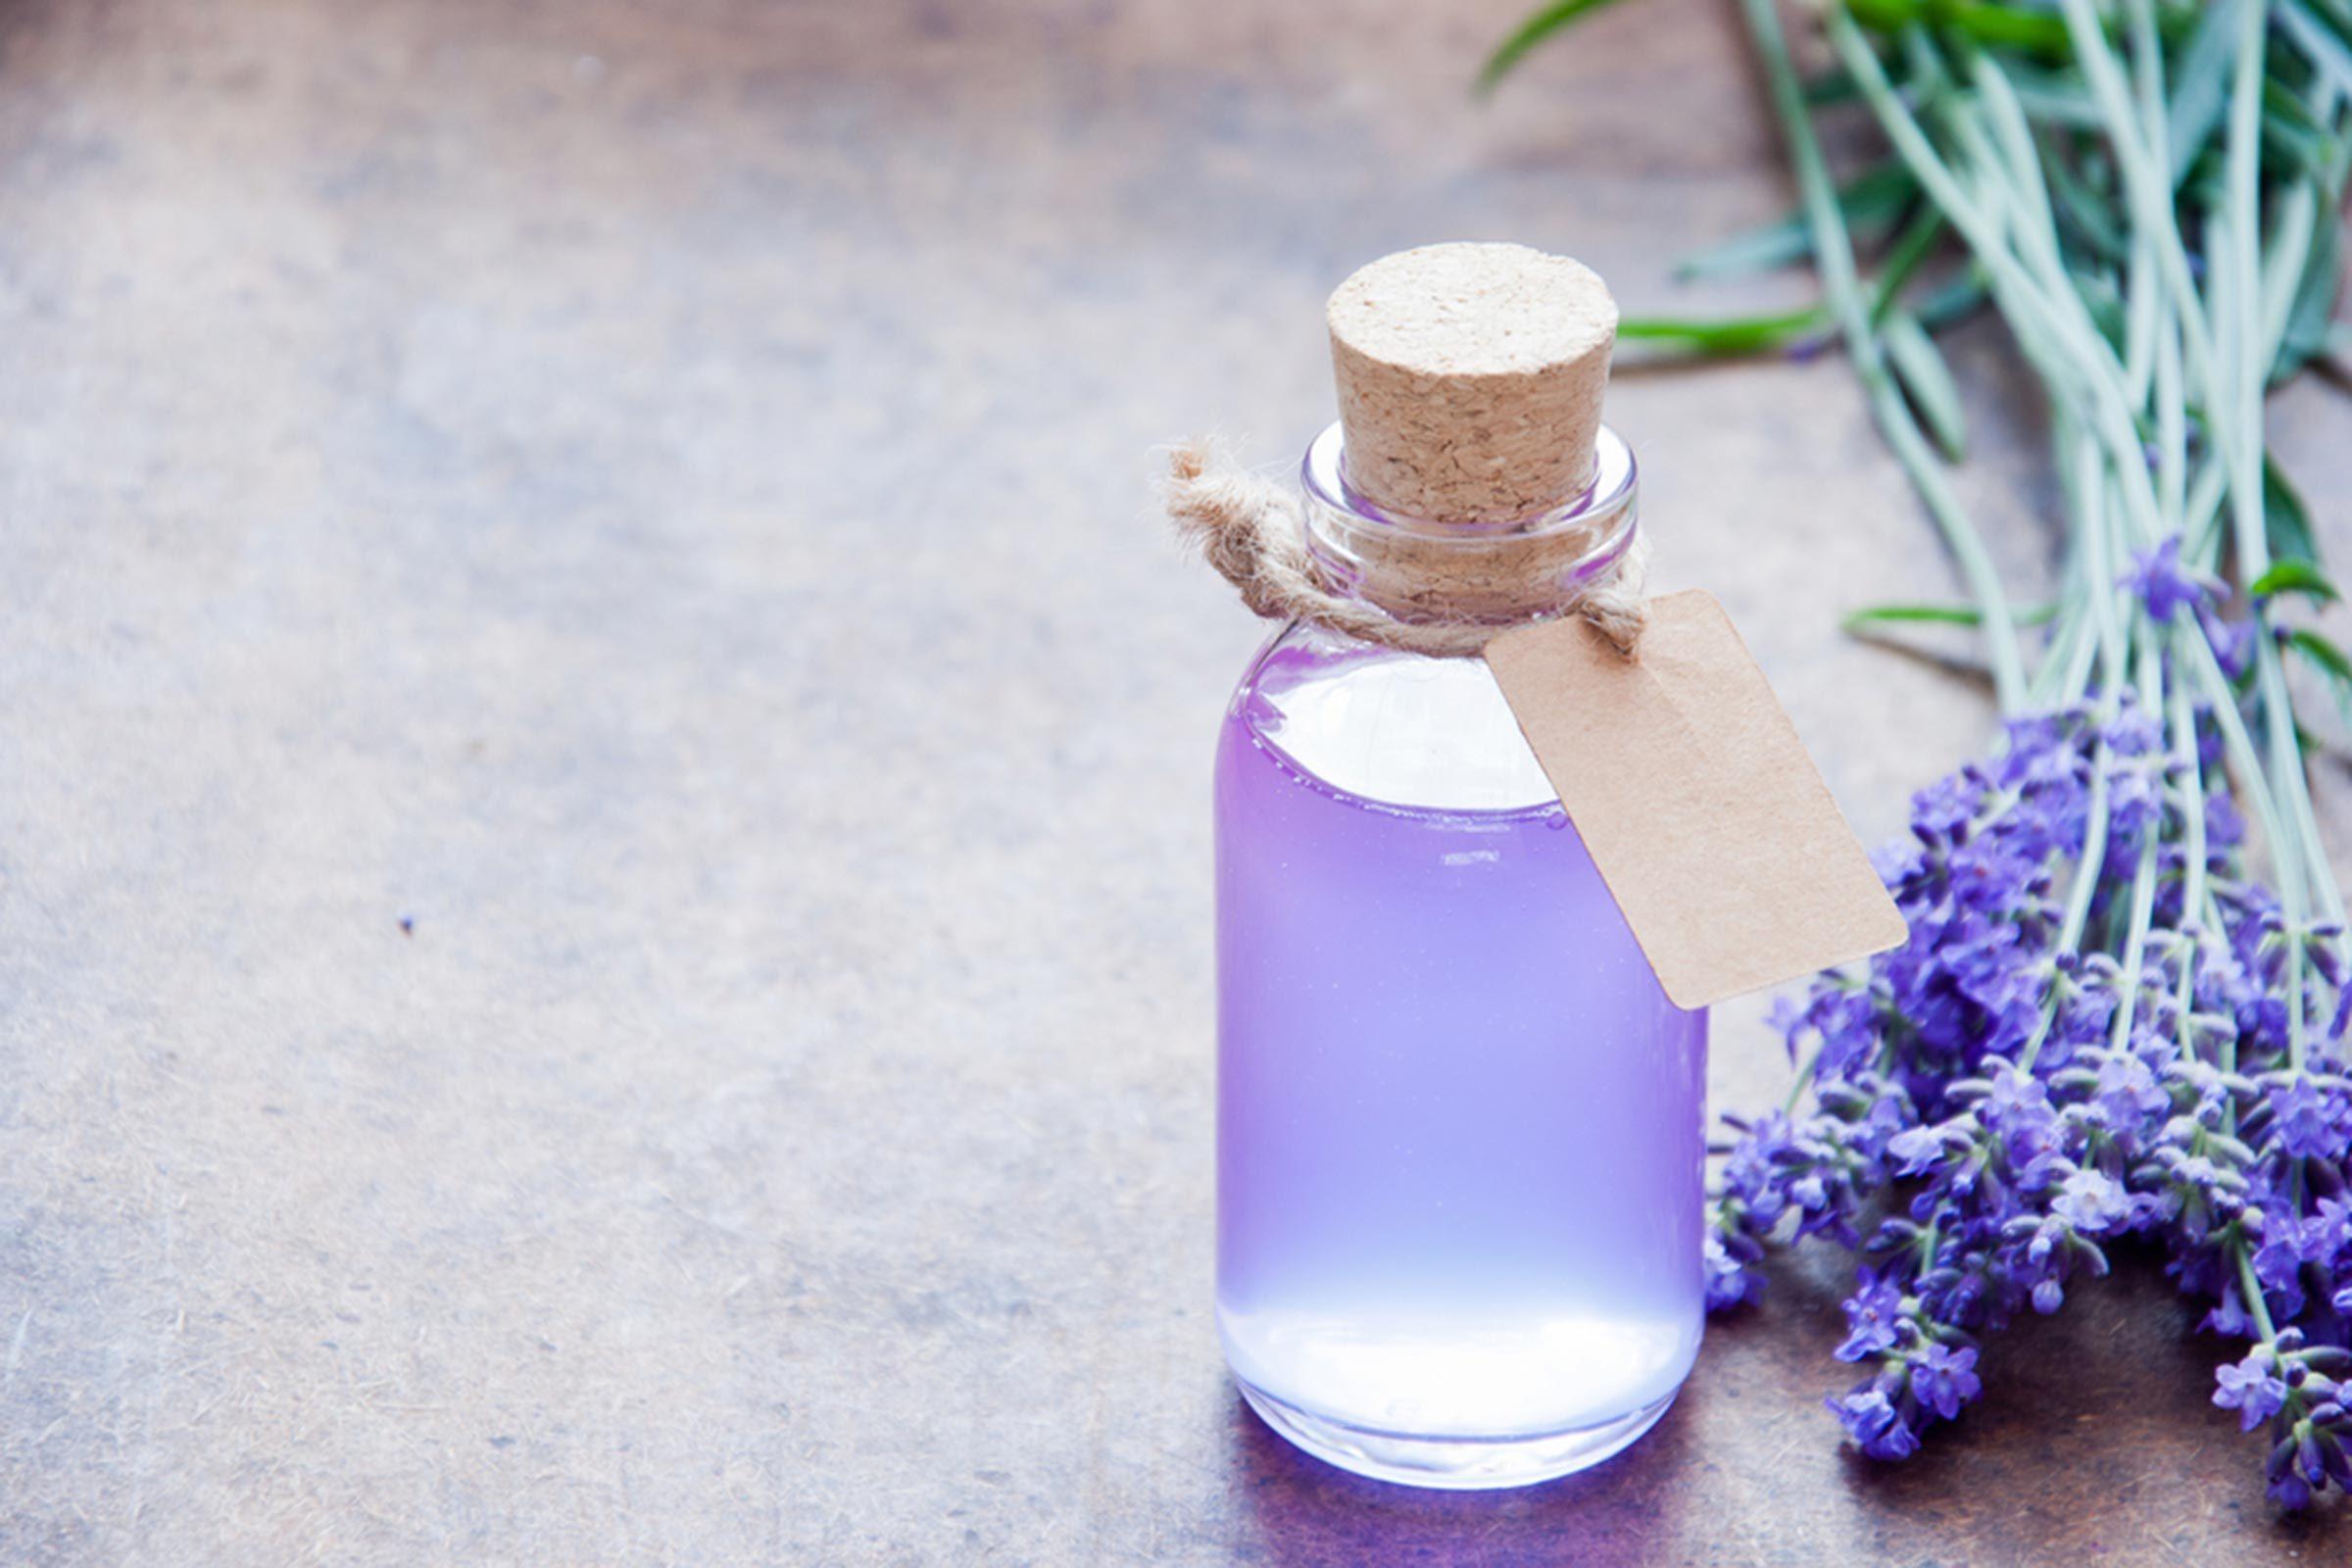 Des huiles essentielles pour soulager les crampes menstruelles... L'huile de lavande